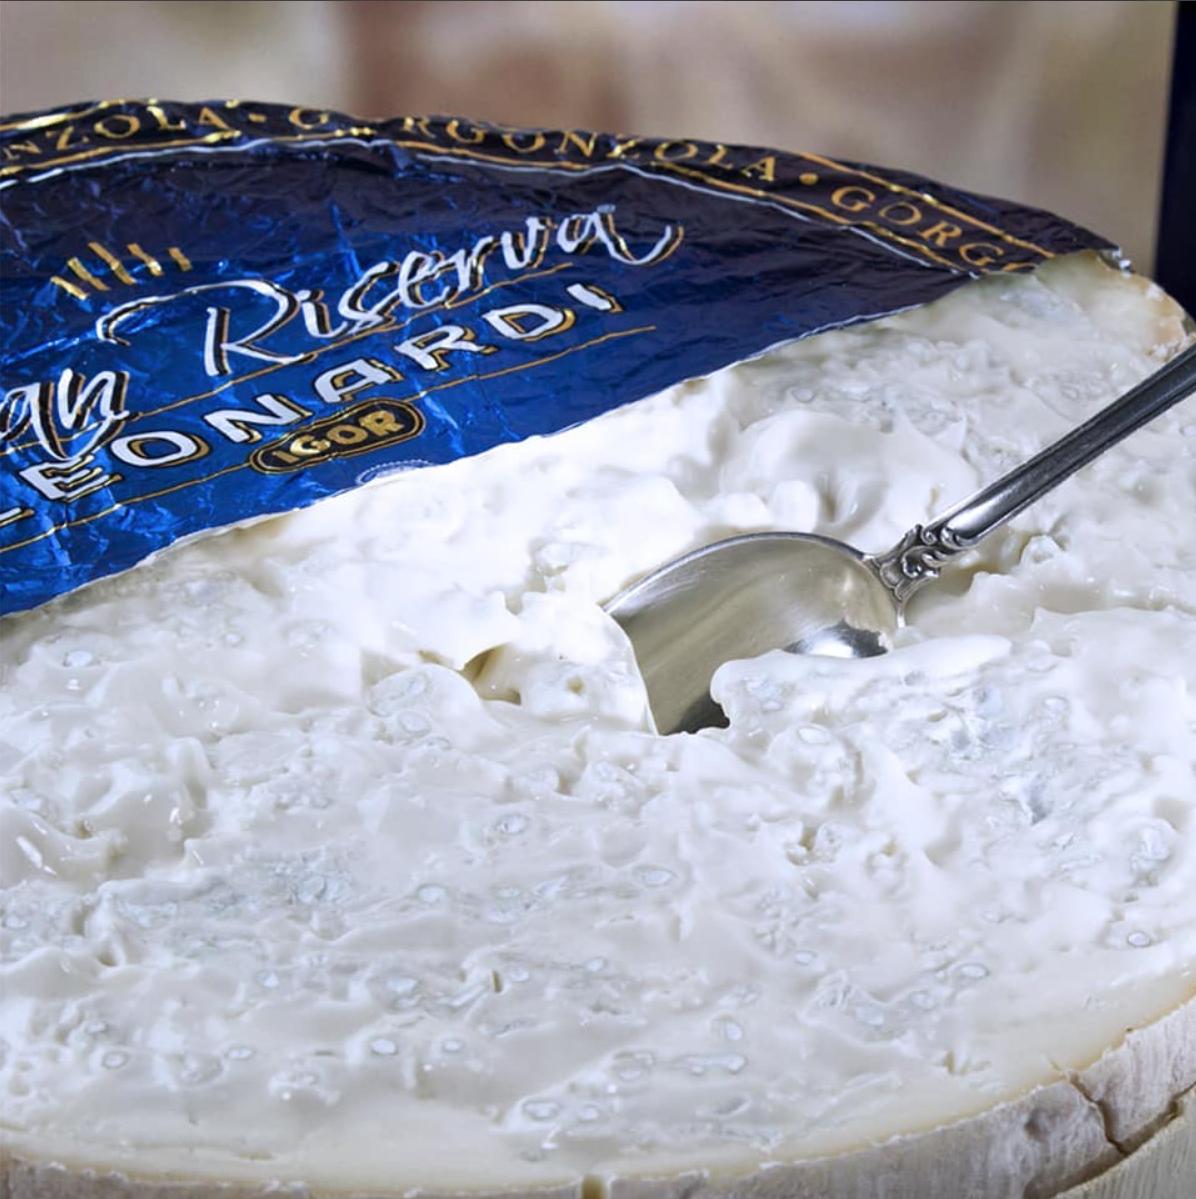 Gorgonzola - specjał północnych Włoch